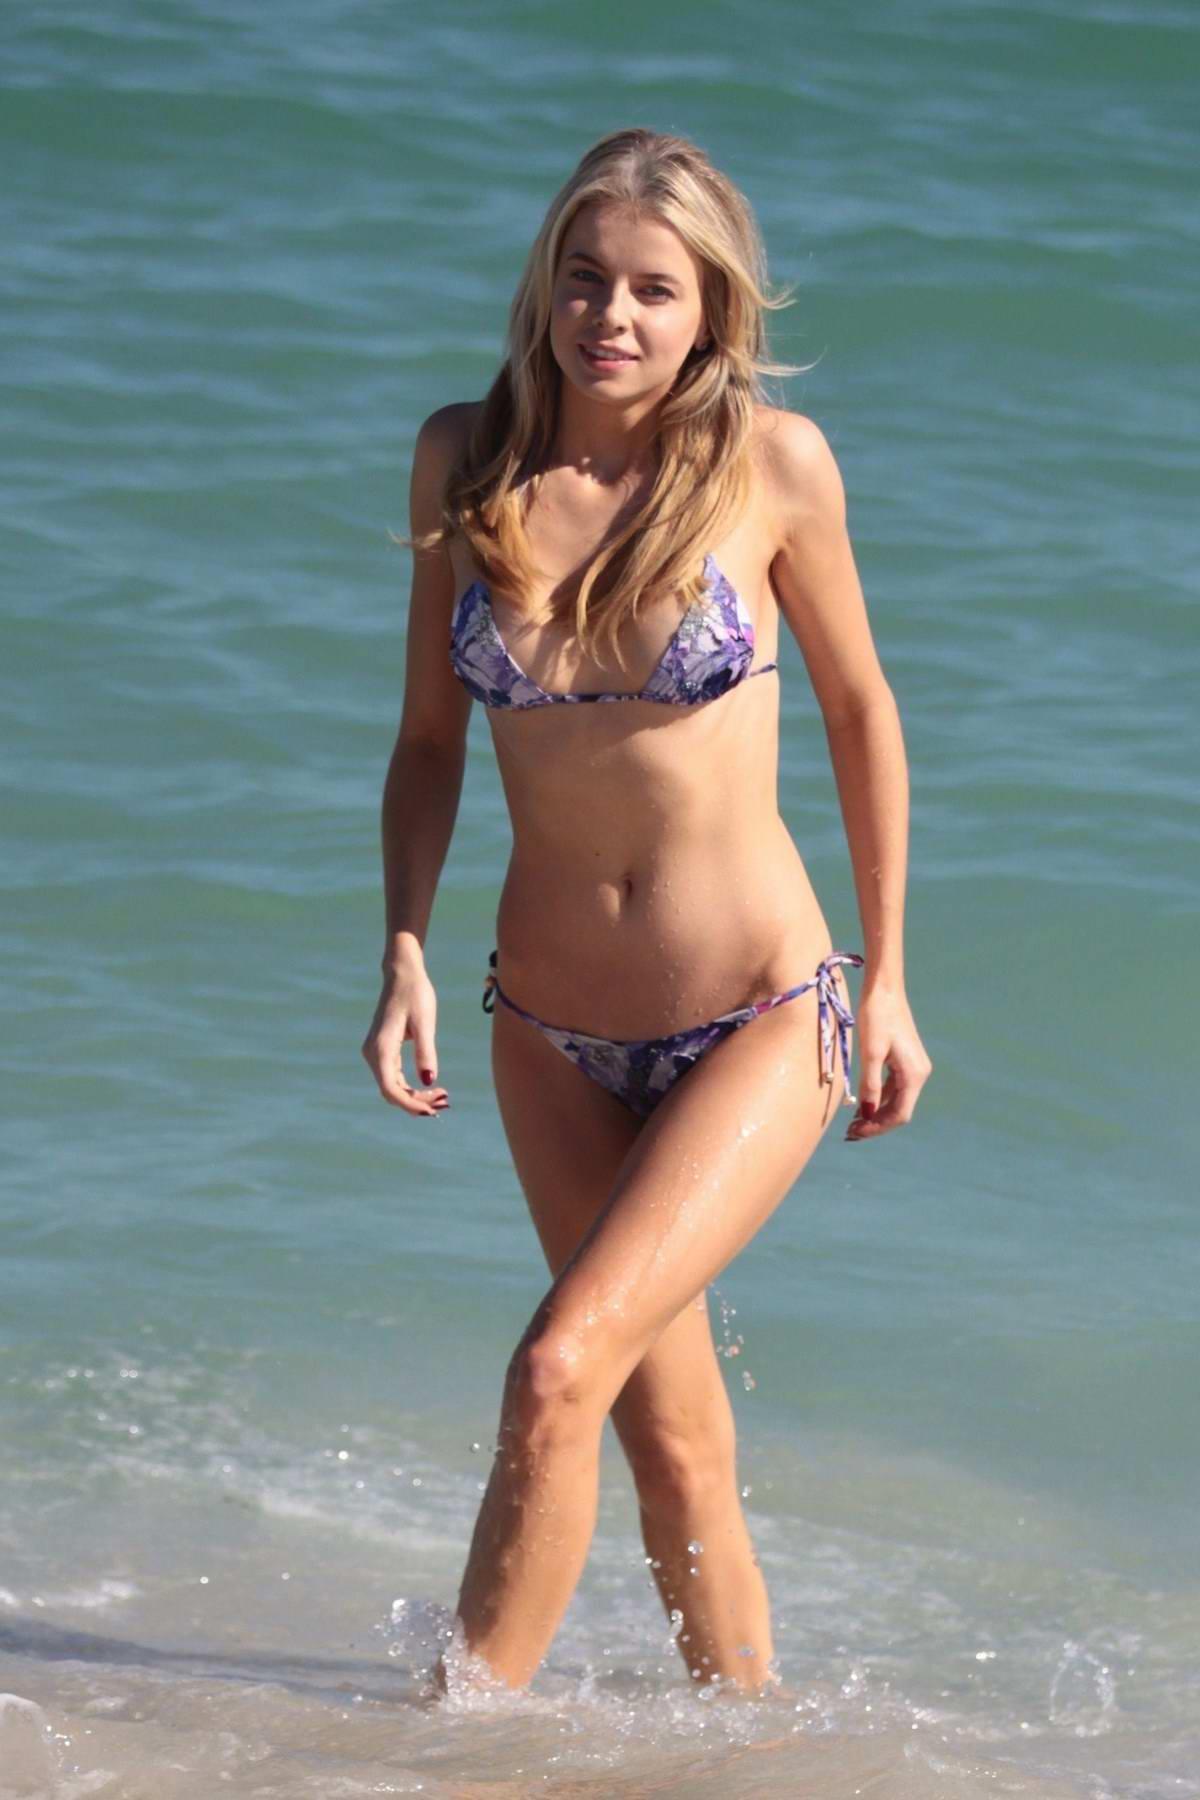 Louisa Warwick in a violet bikini enjoying a day on the beach in Miami, Florida